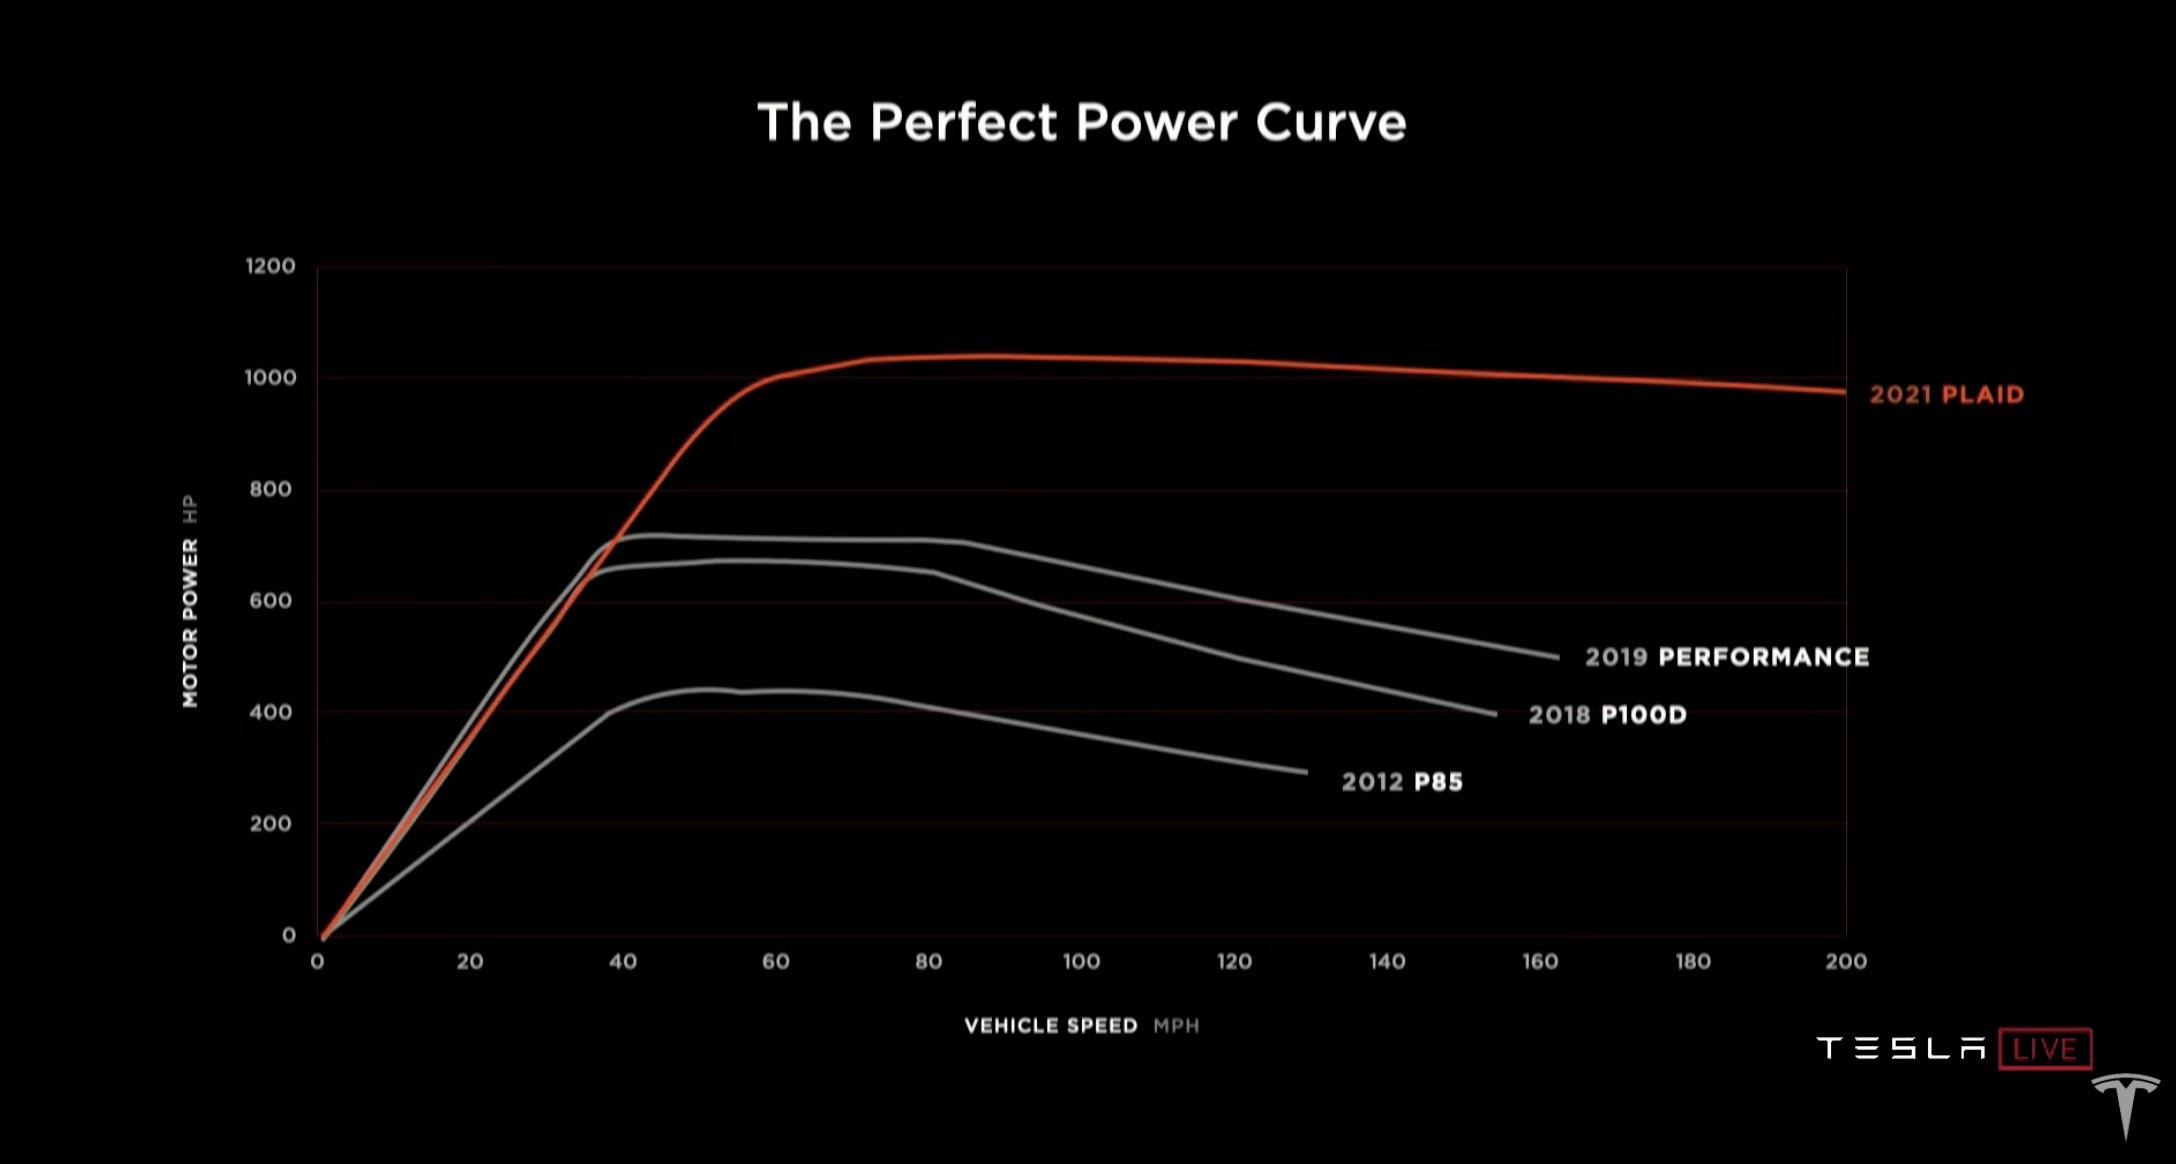 Tesla Model S Plaid Power Curve